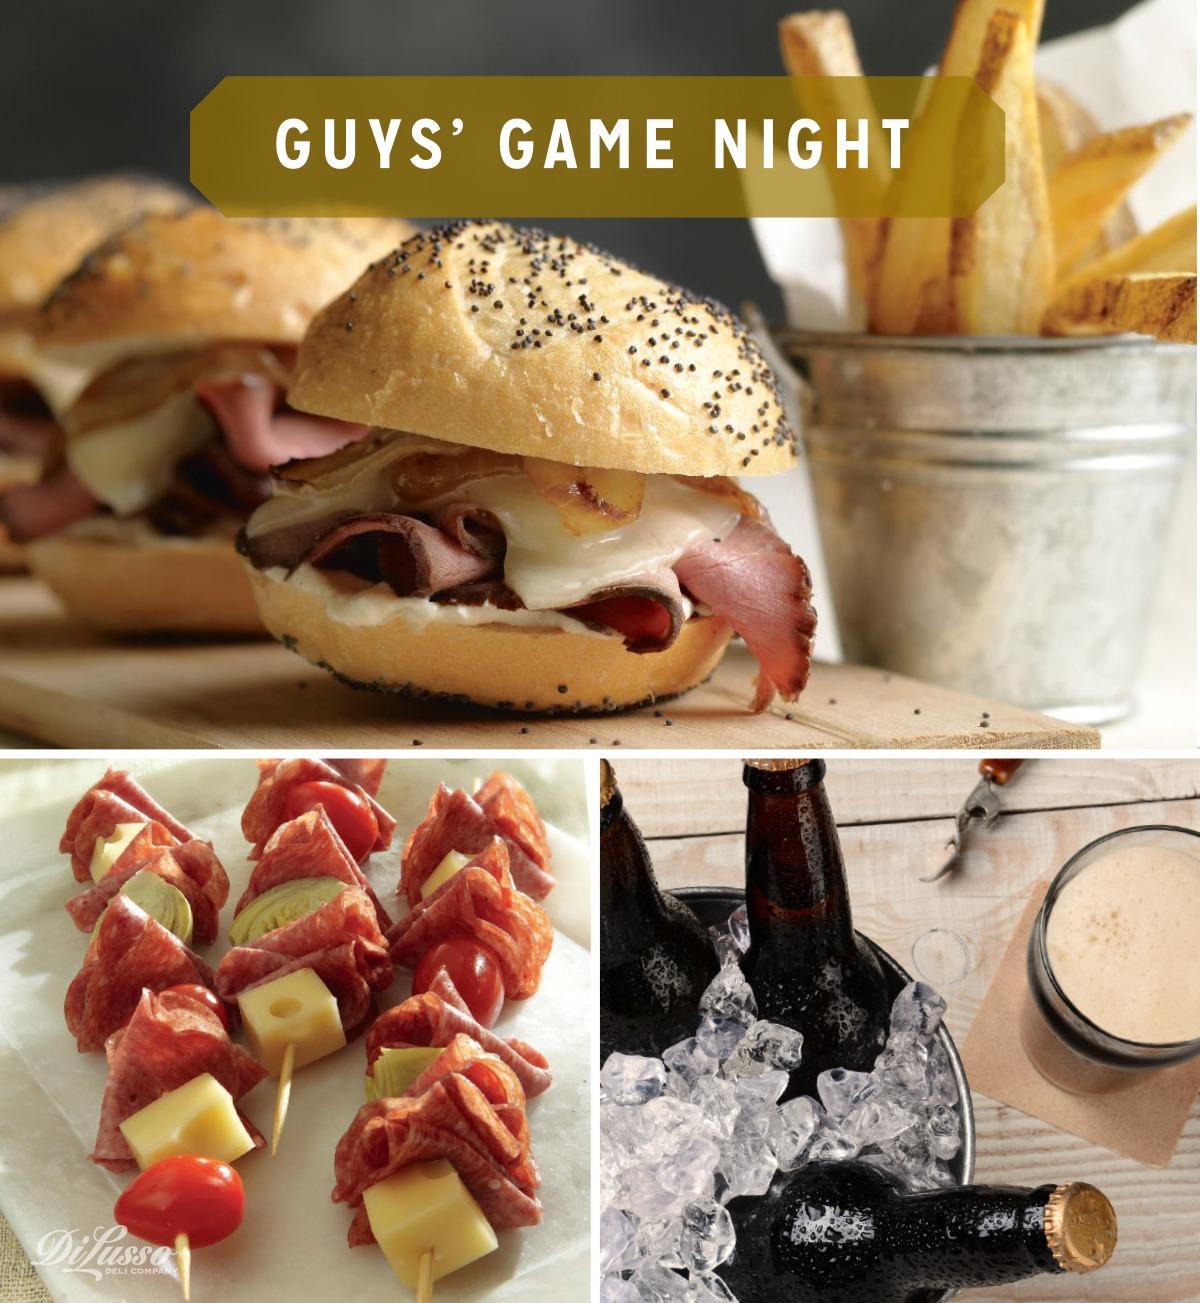 Guy's Game Night